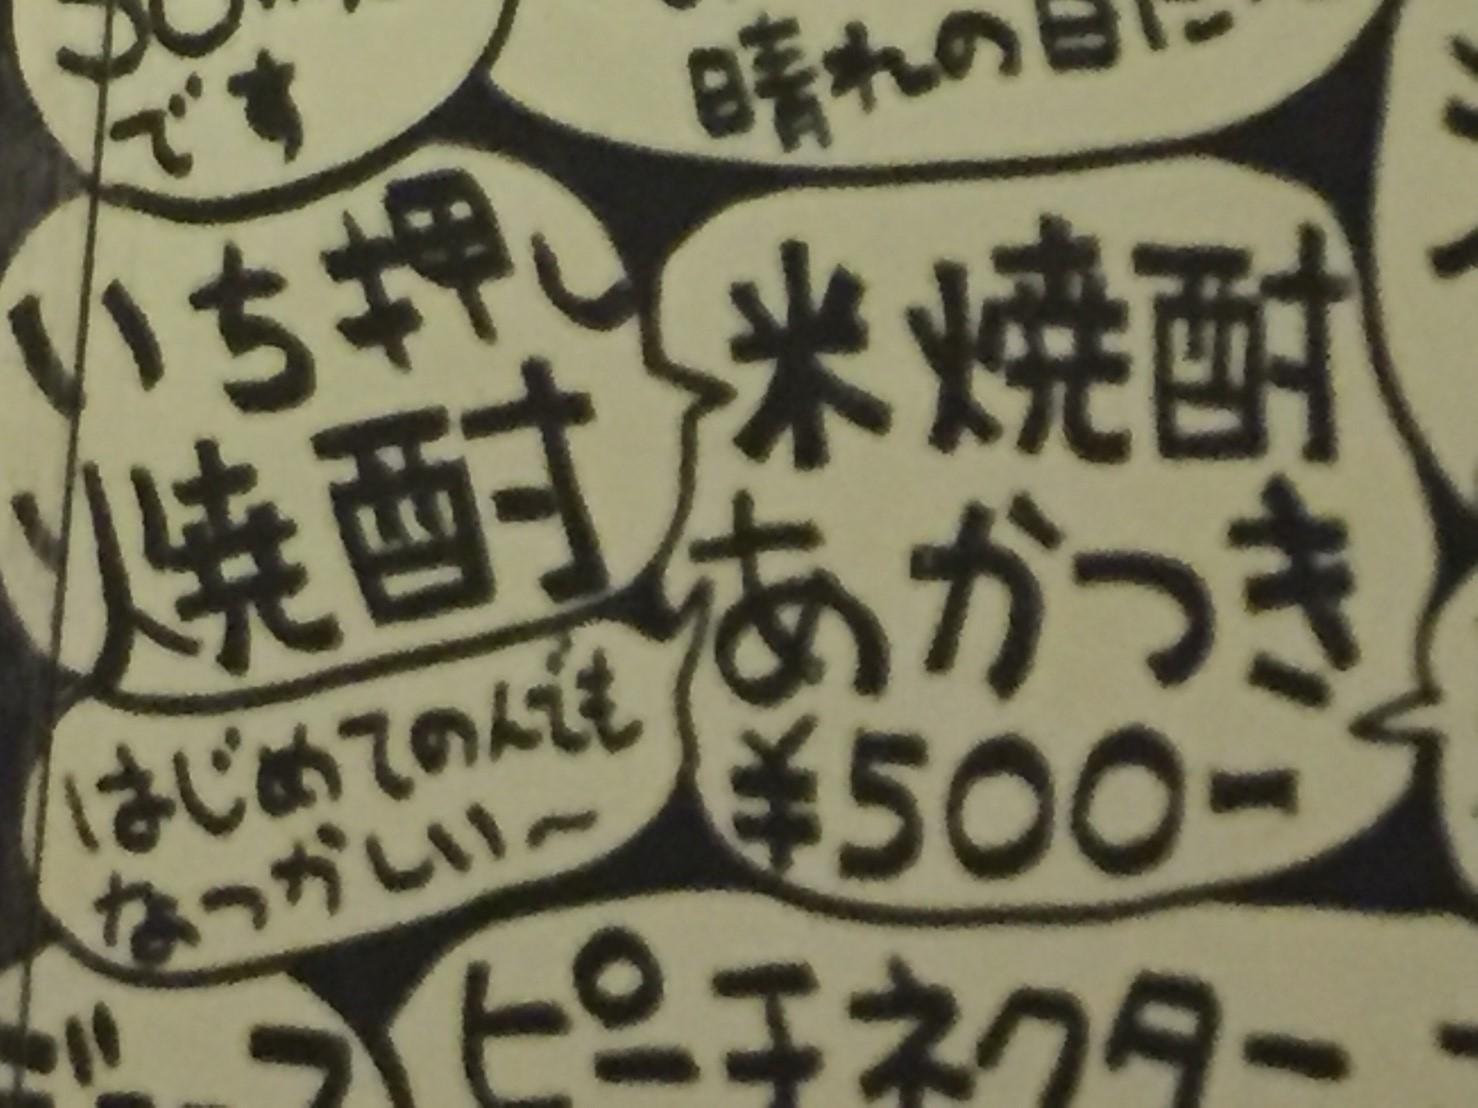 砂丘屋_e0115904_03063184.jpg